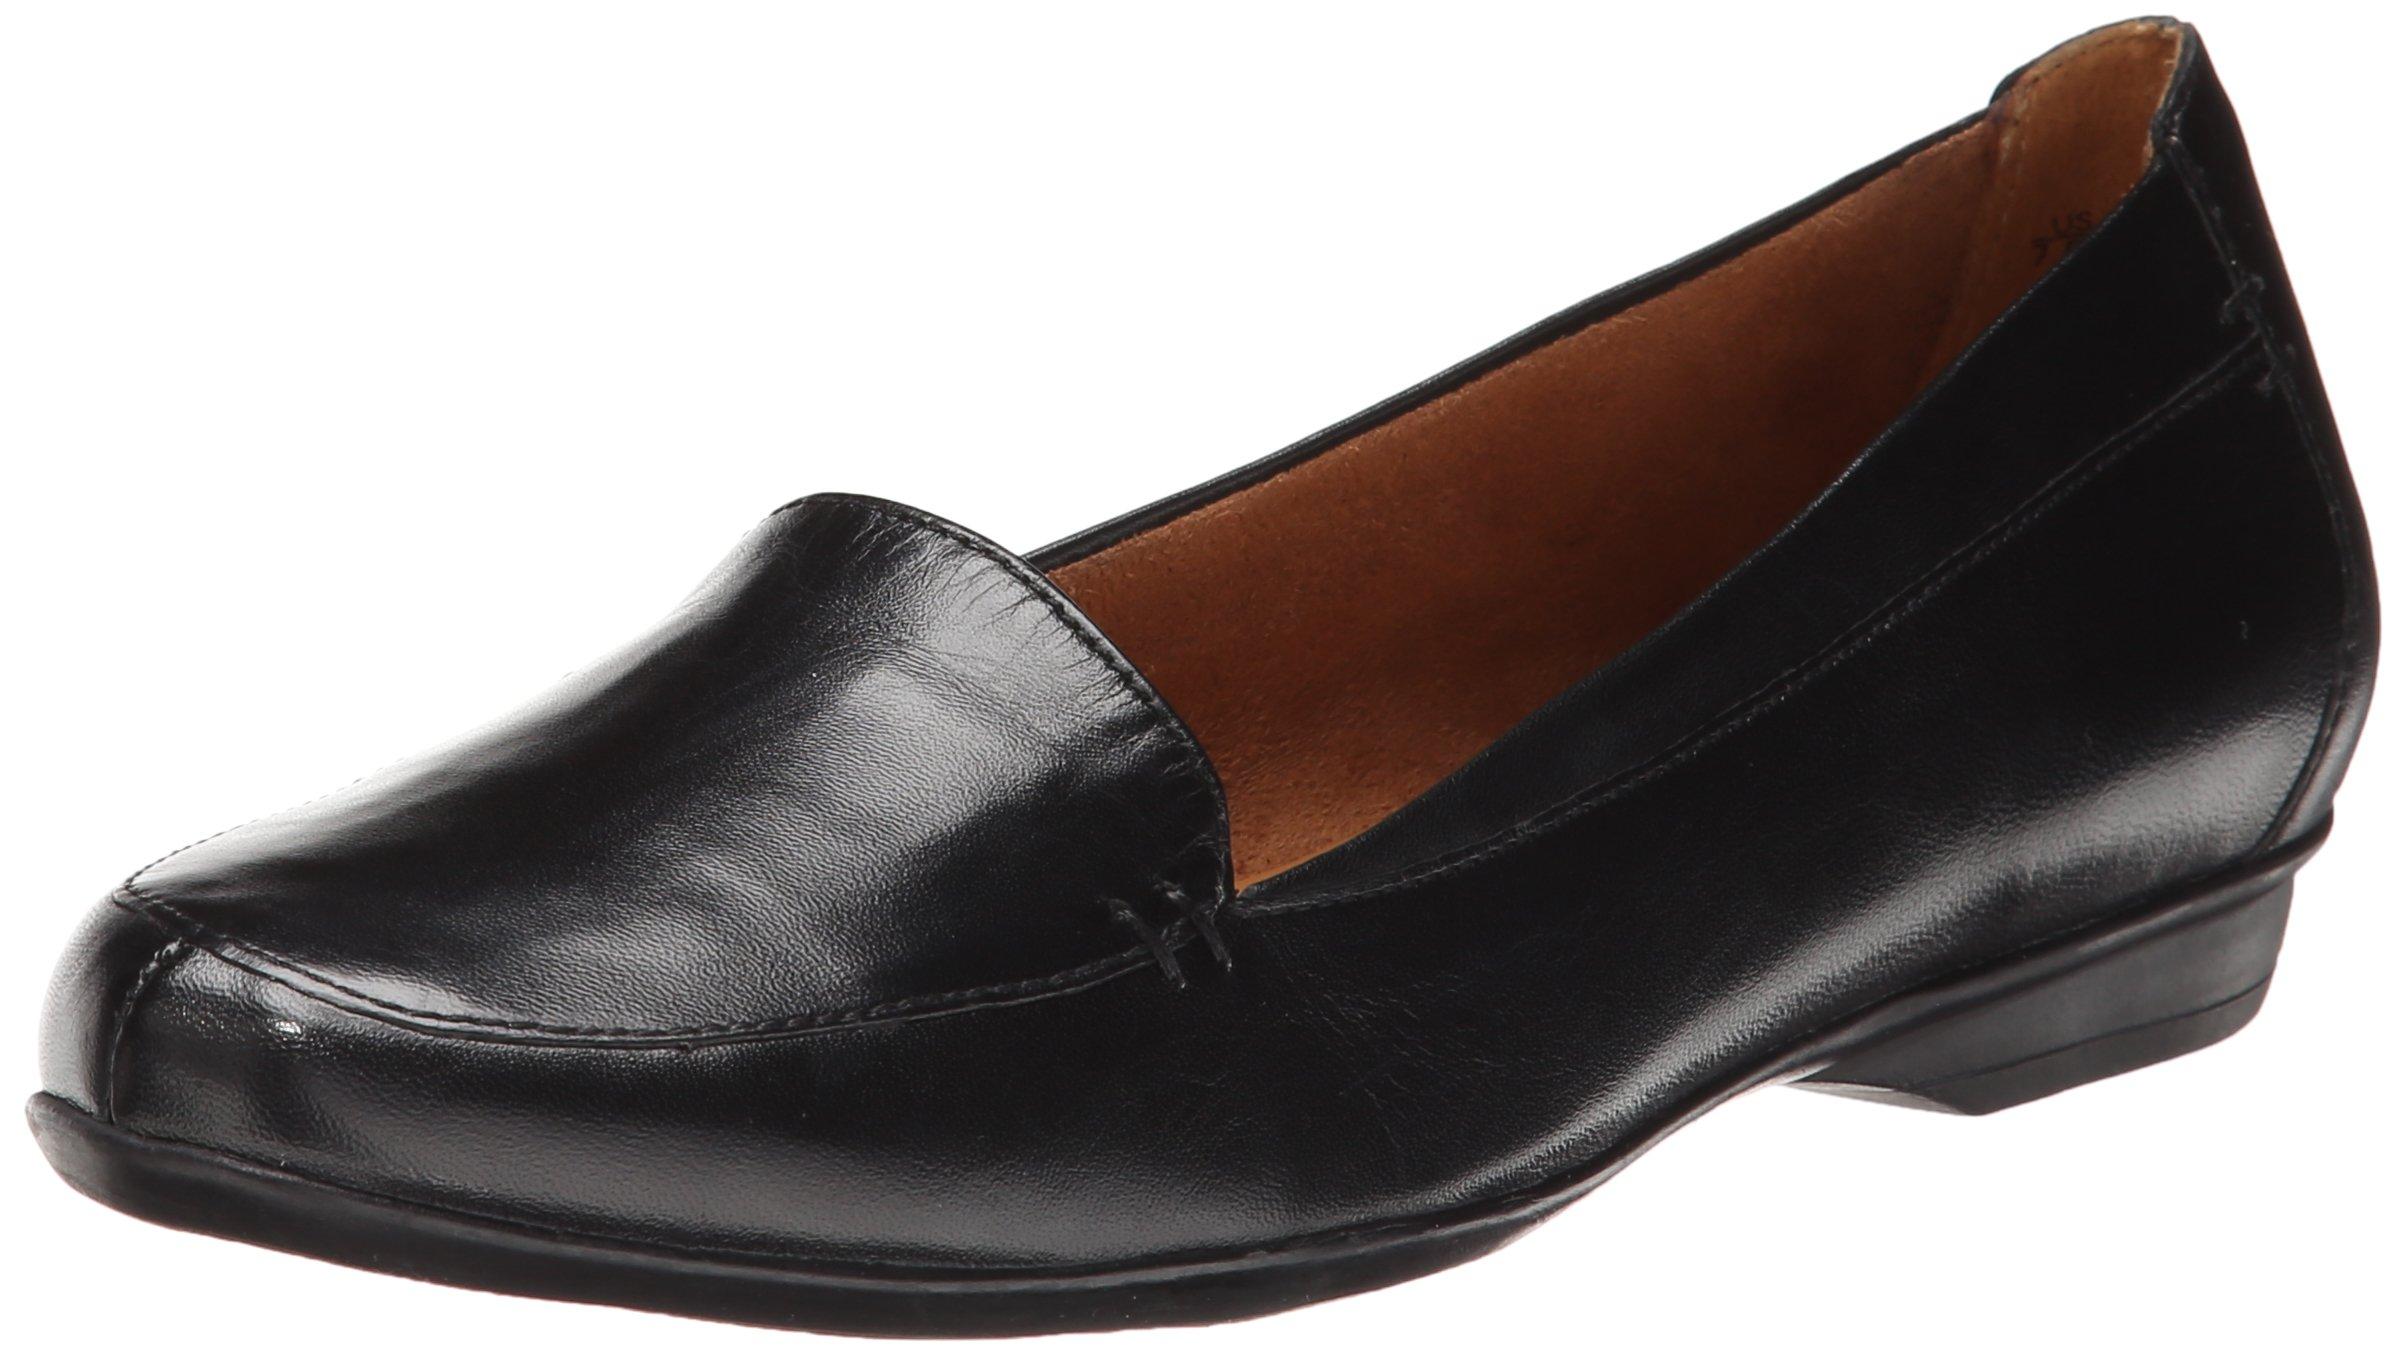 Naturalizer Women's Saban Slip-On Loafer, Black, 7.5 M US